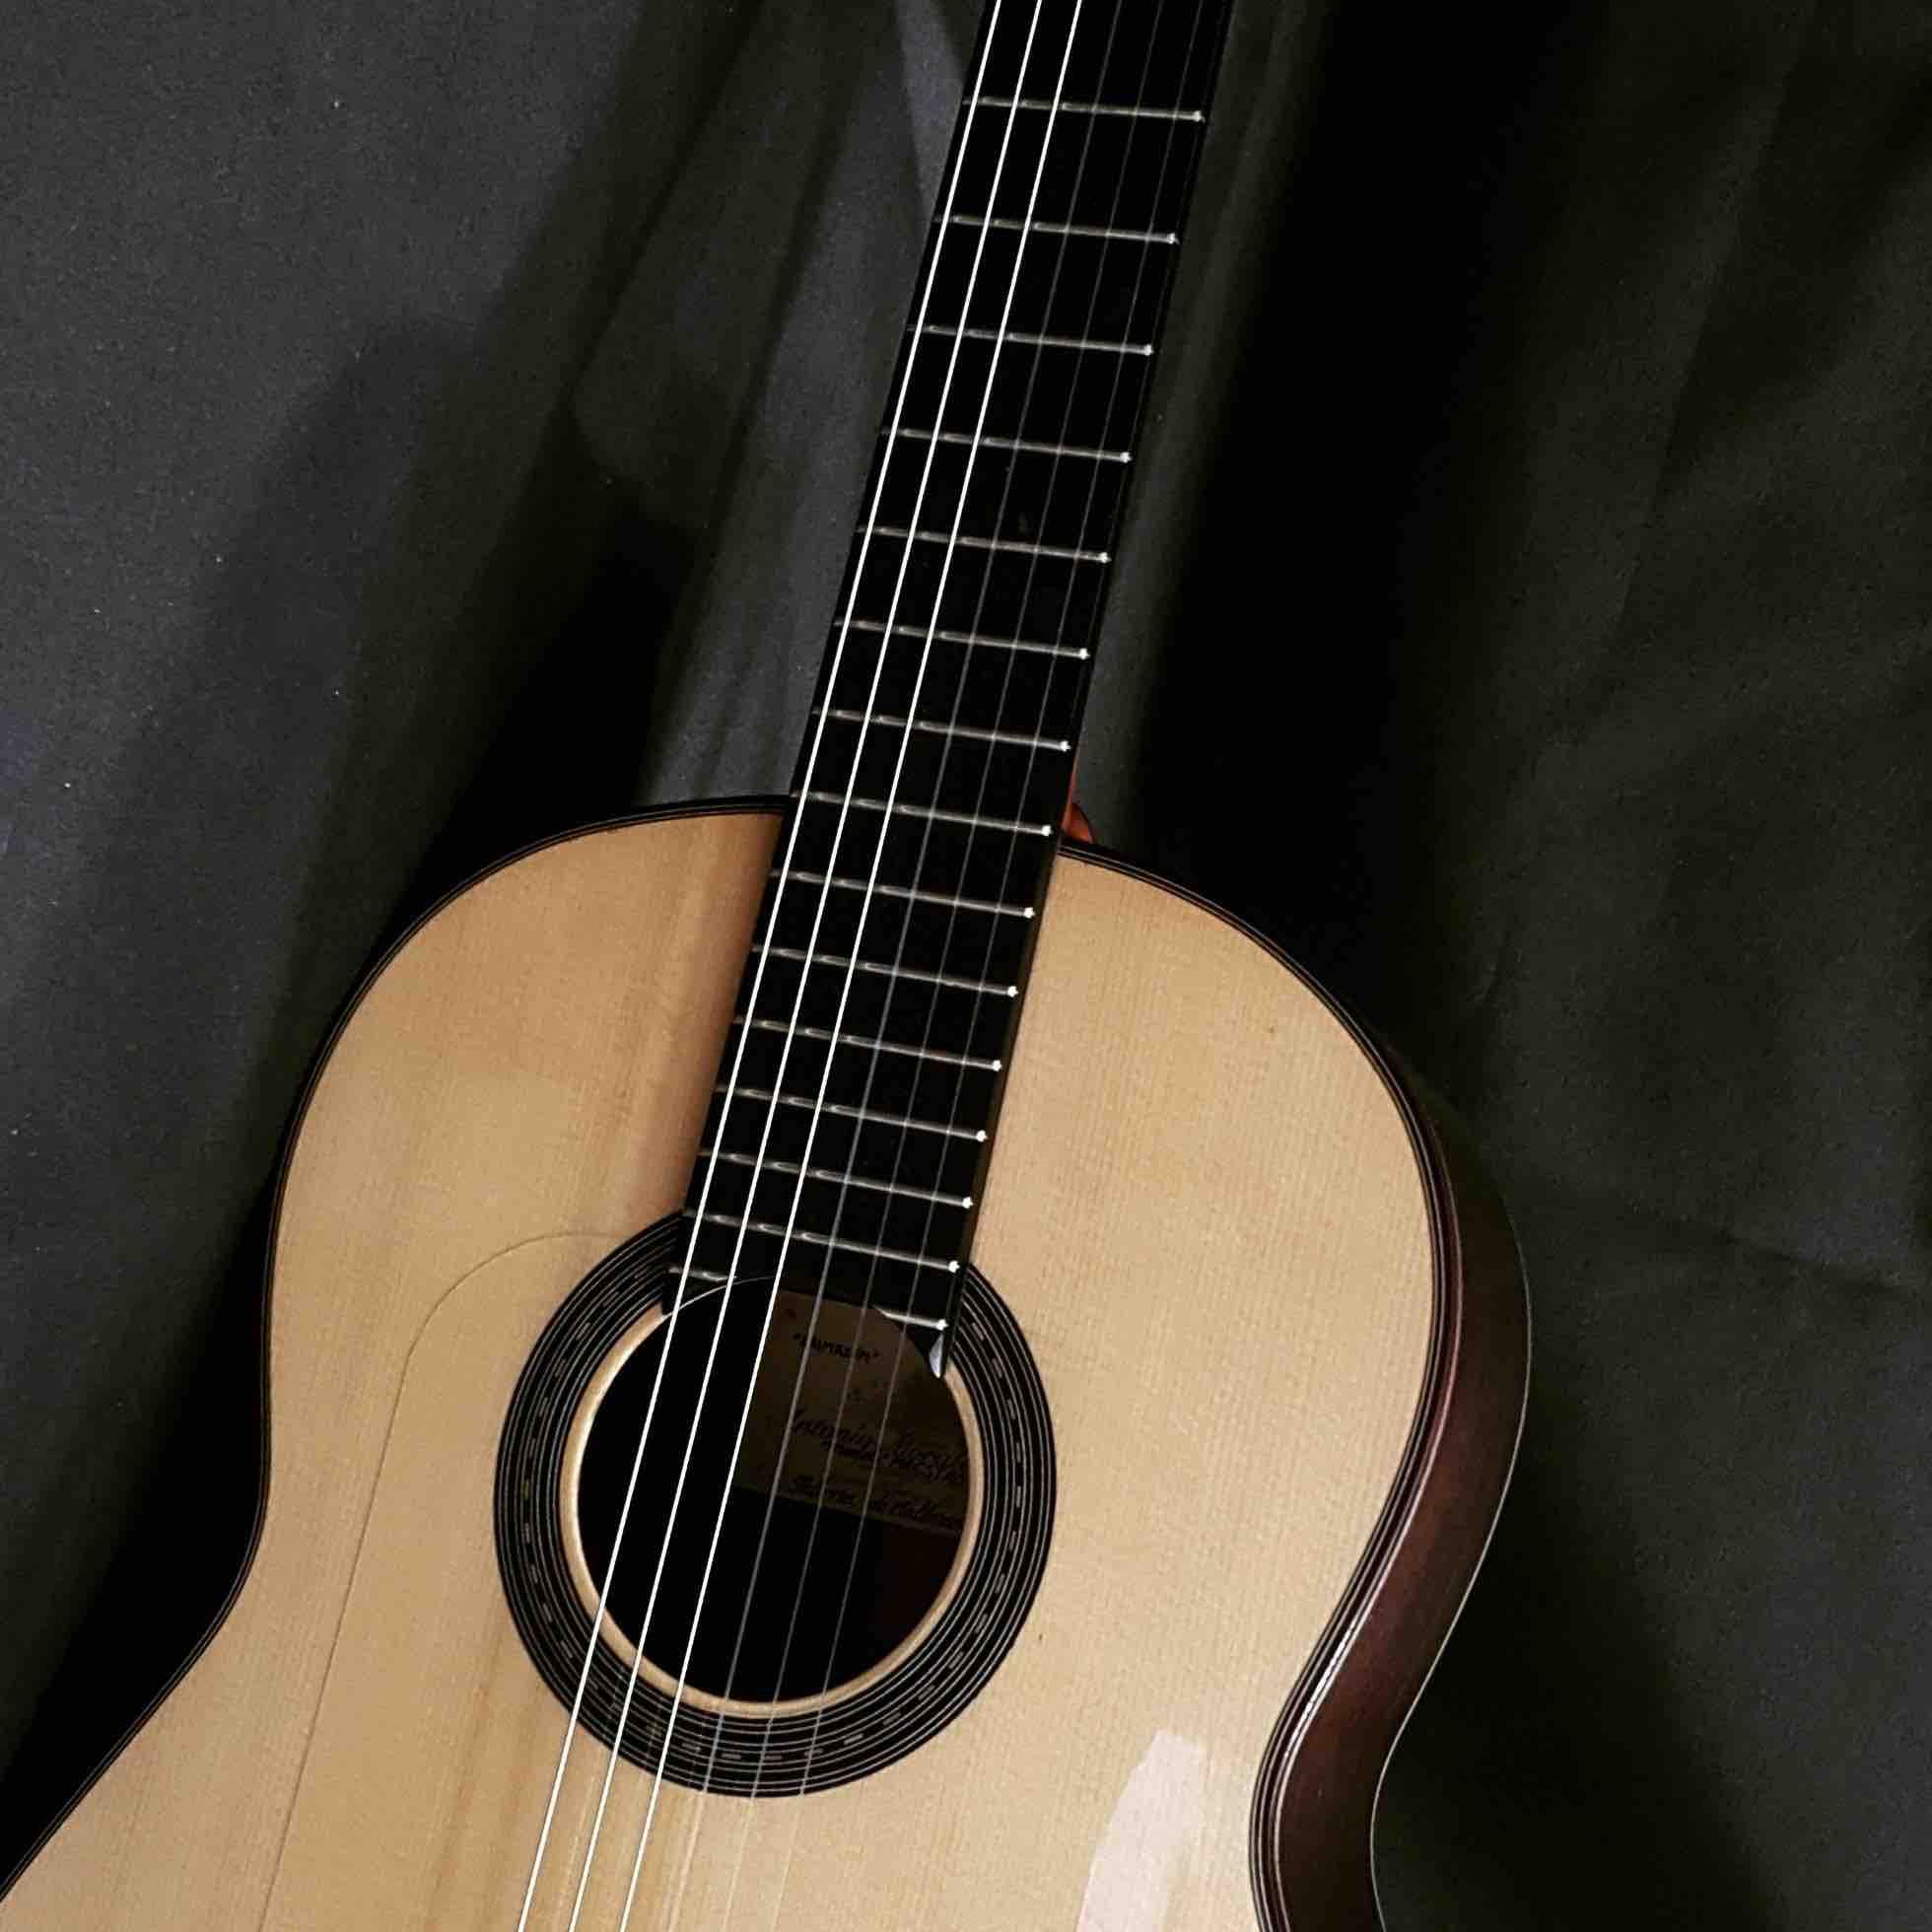 concert_flamenco_guitar